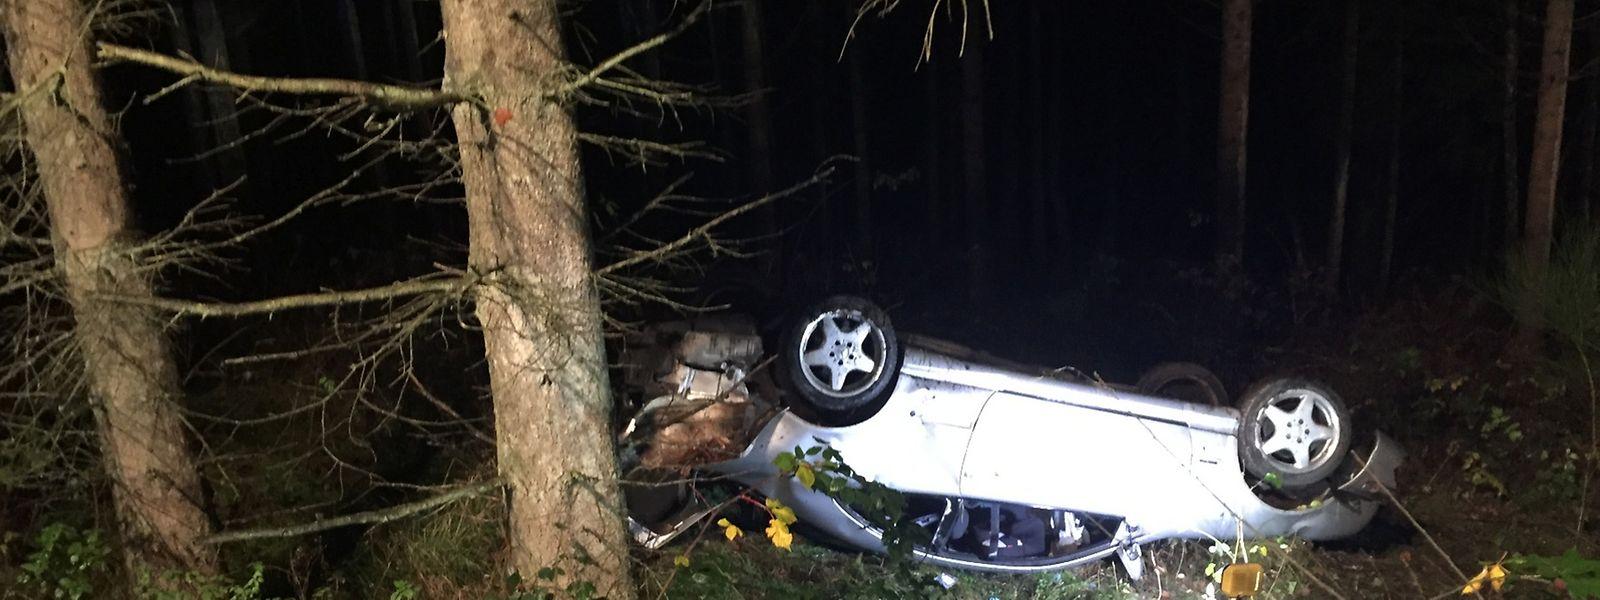 Einer der Autopassagiere erlitt schwere Verletzungen.